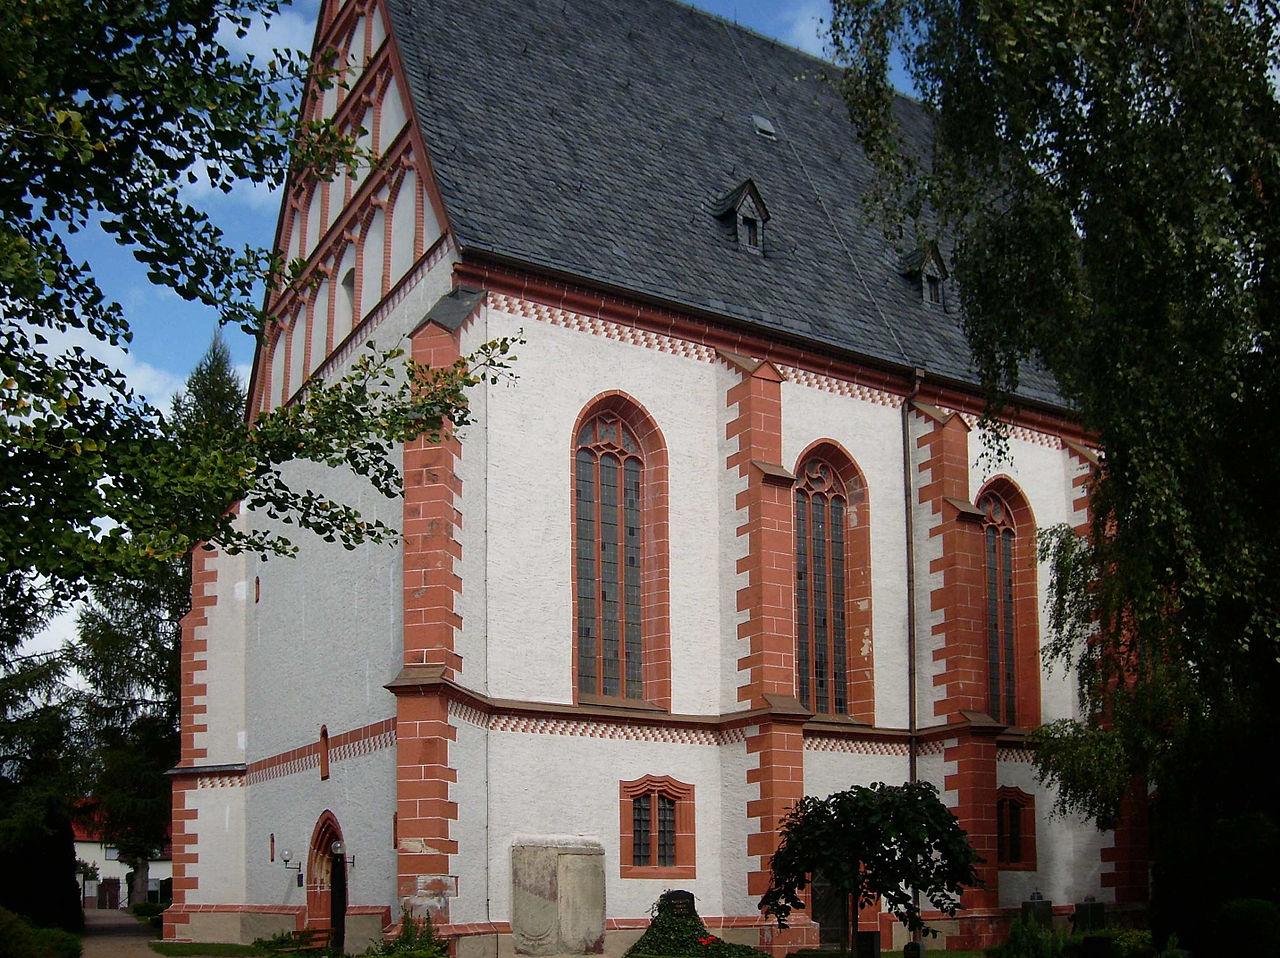 Bild St. Marienkirche Rötha